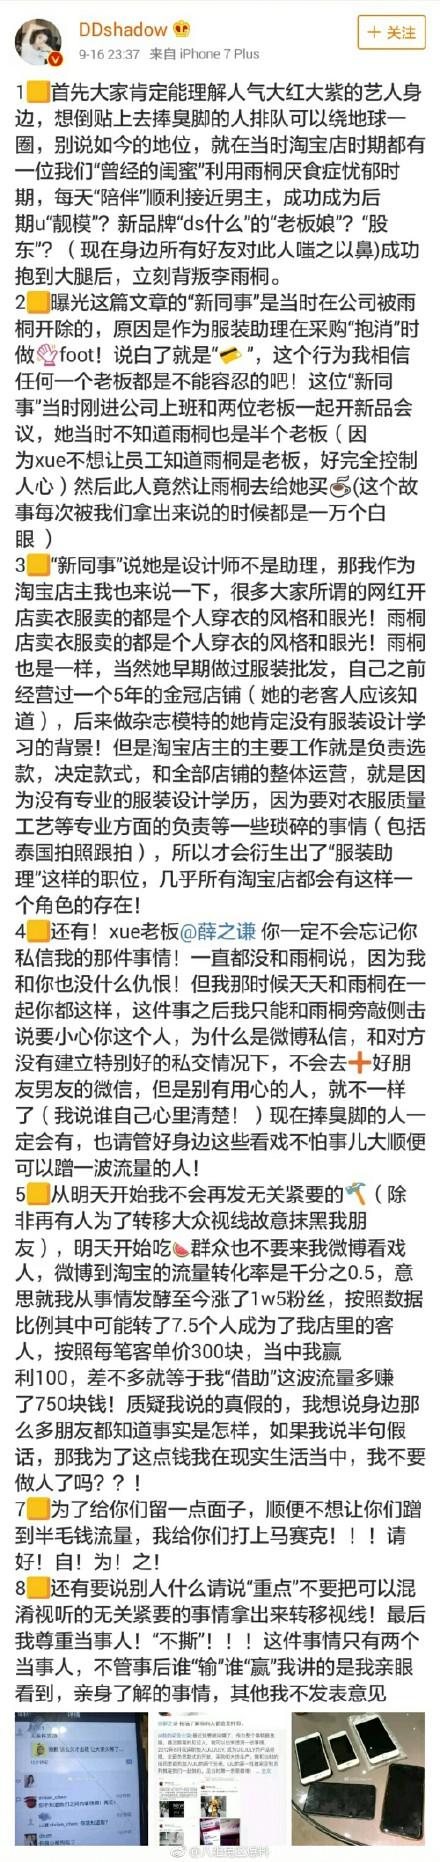 薛之谦情感风波事件最新消息 李雨桐闺蜜曾被薛之谦主动勾搭